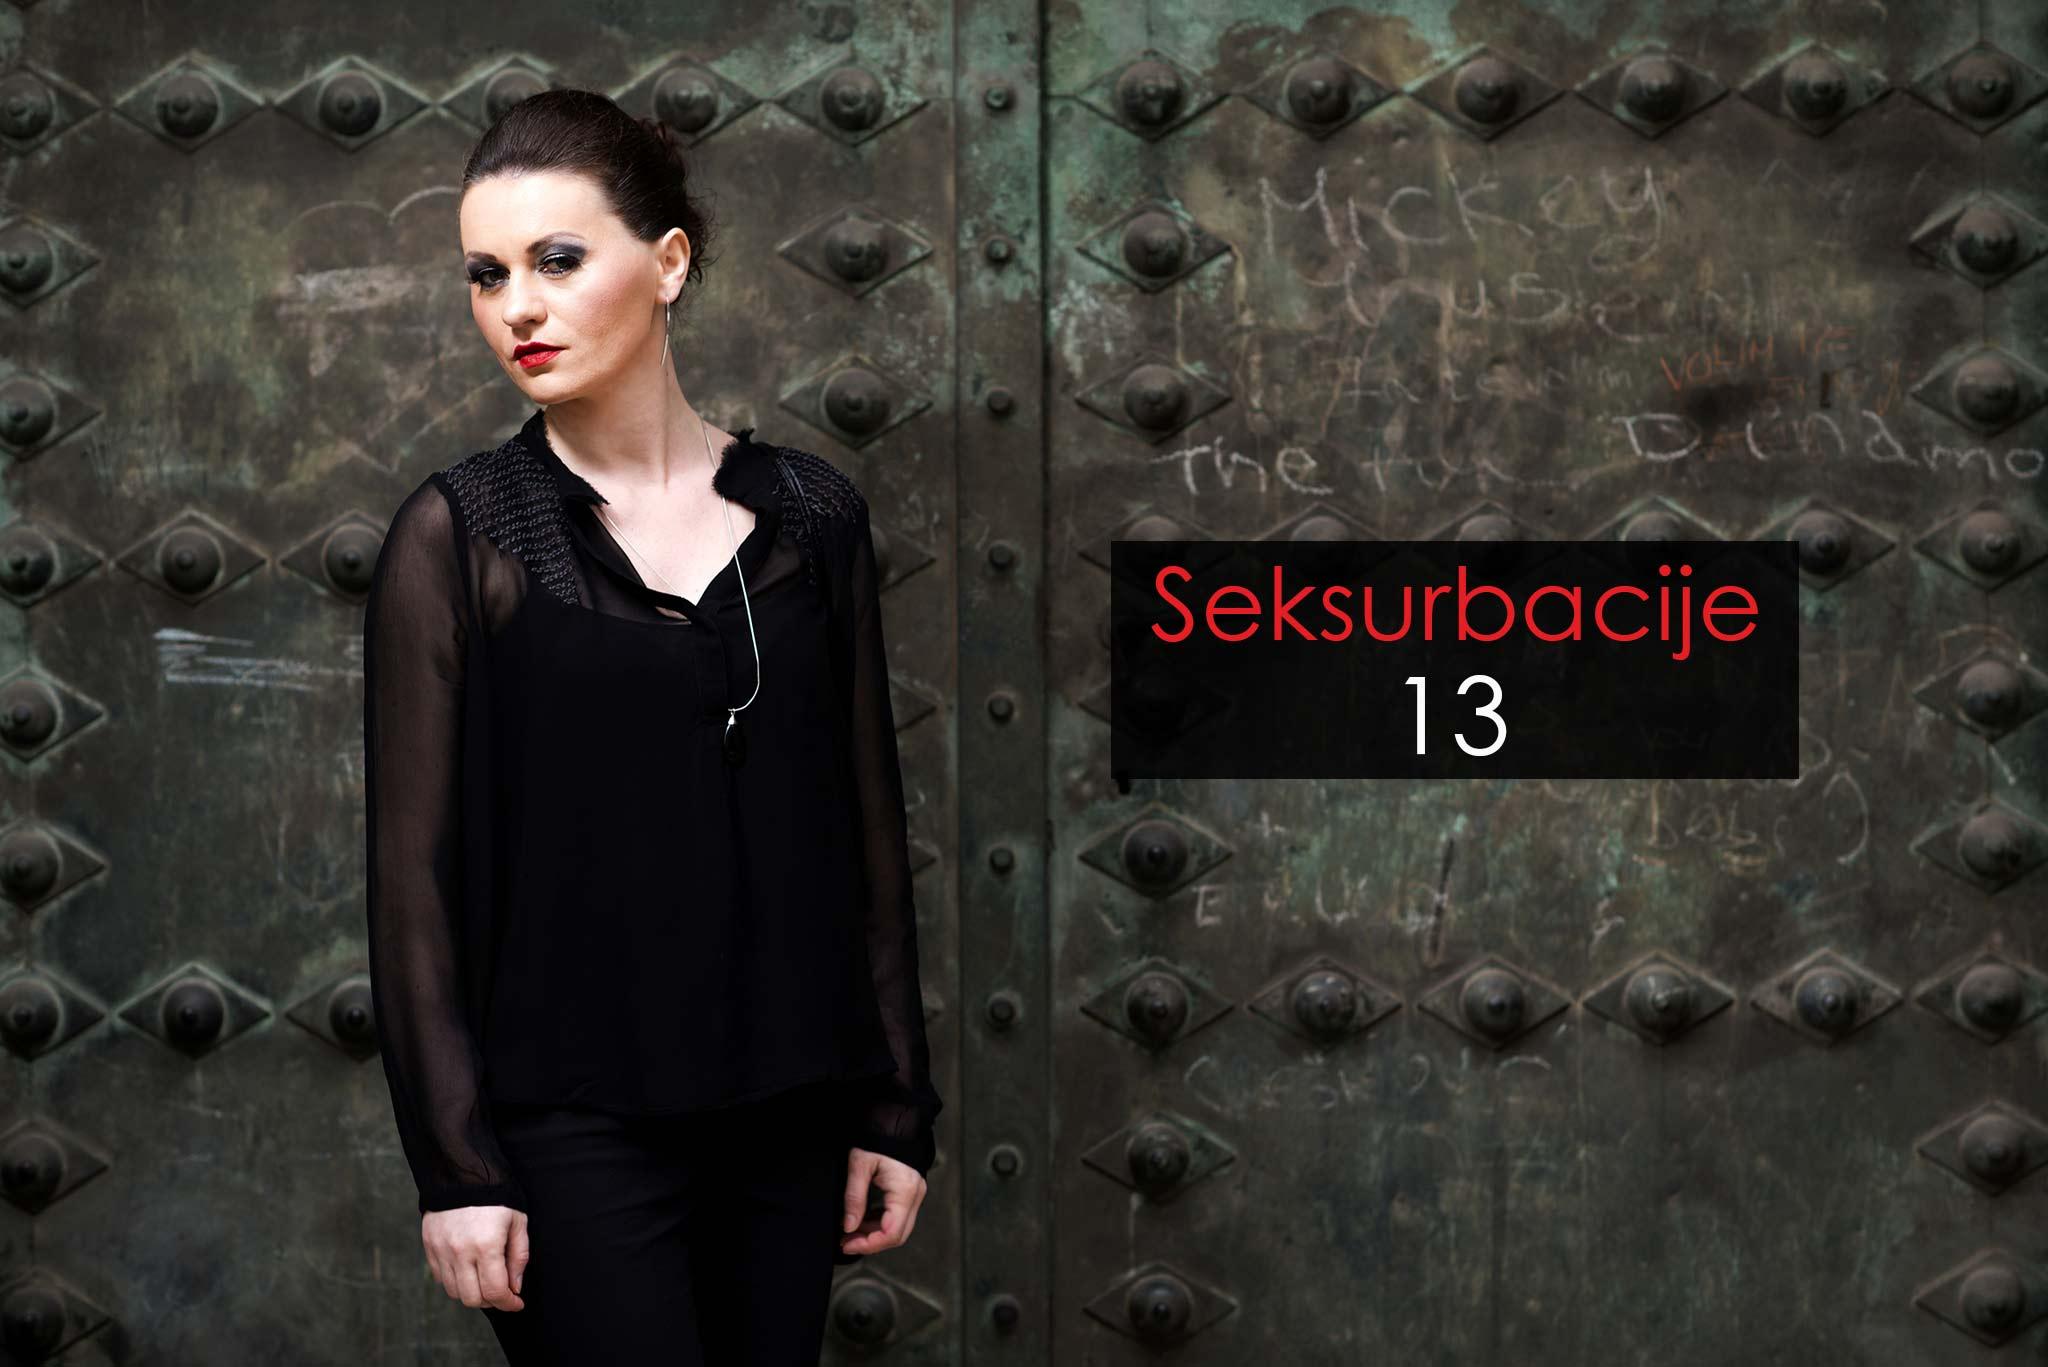 Seksurbacije-13-Naslovnica-Marina-Krleza